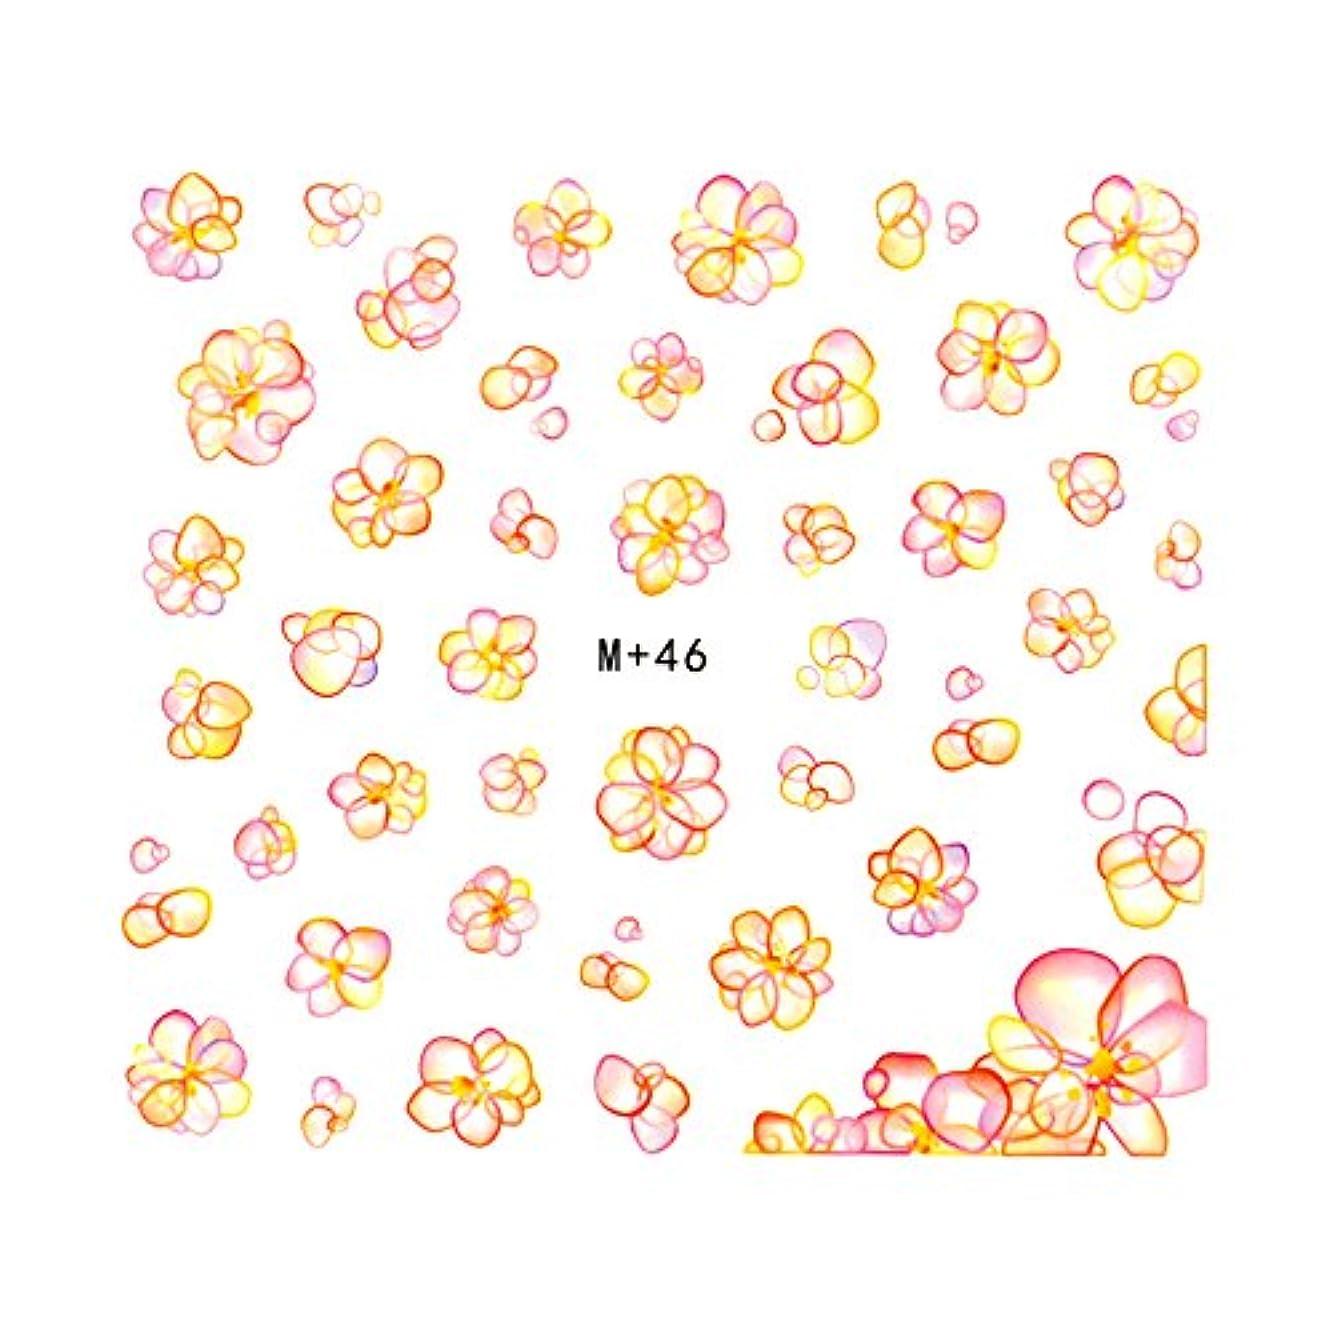 副産物ピニオン配偶者【m+46】バブルフラワーシール レジン クラフト セルフネイル 泡 花 バブル ネイルシール